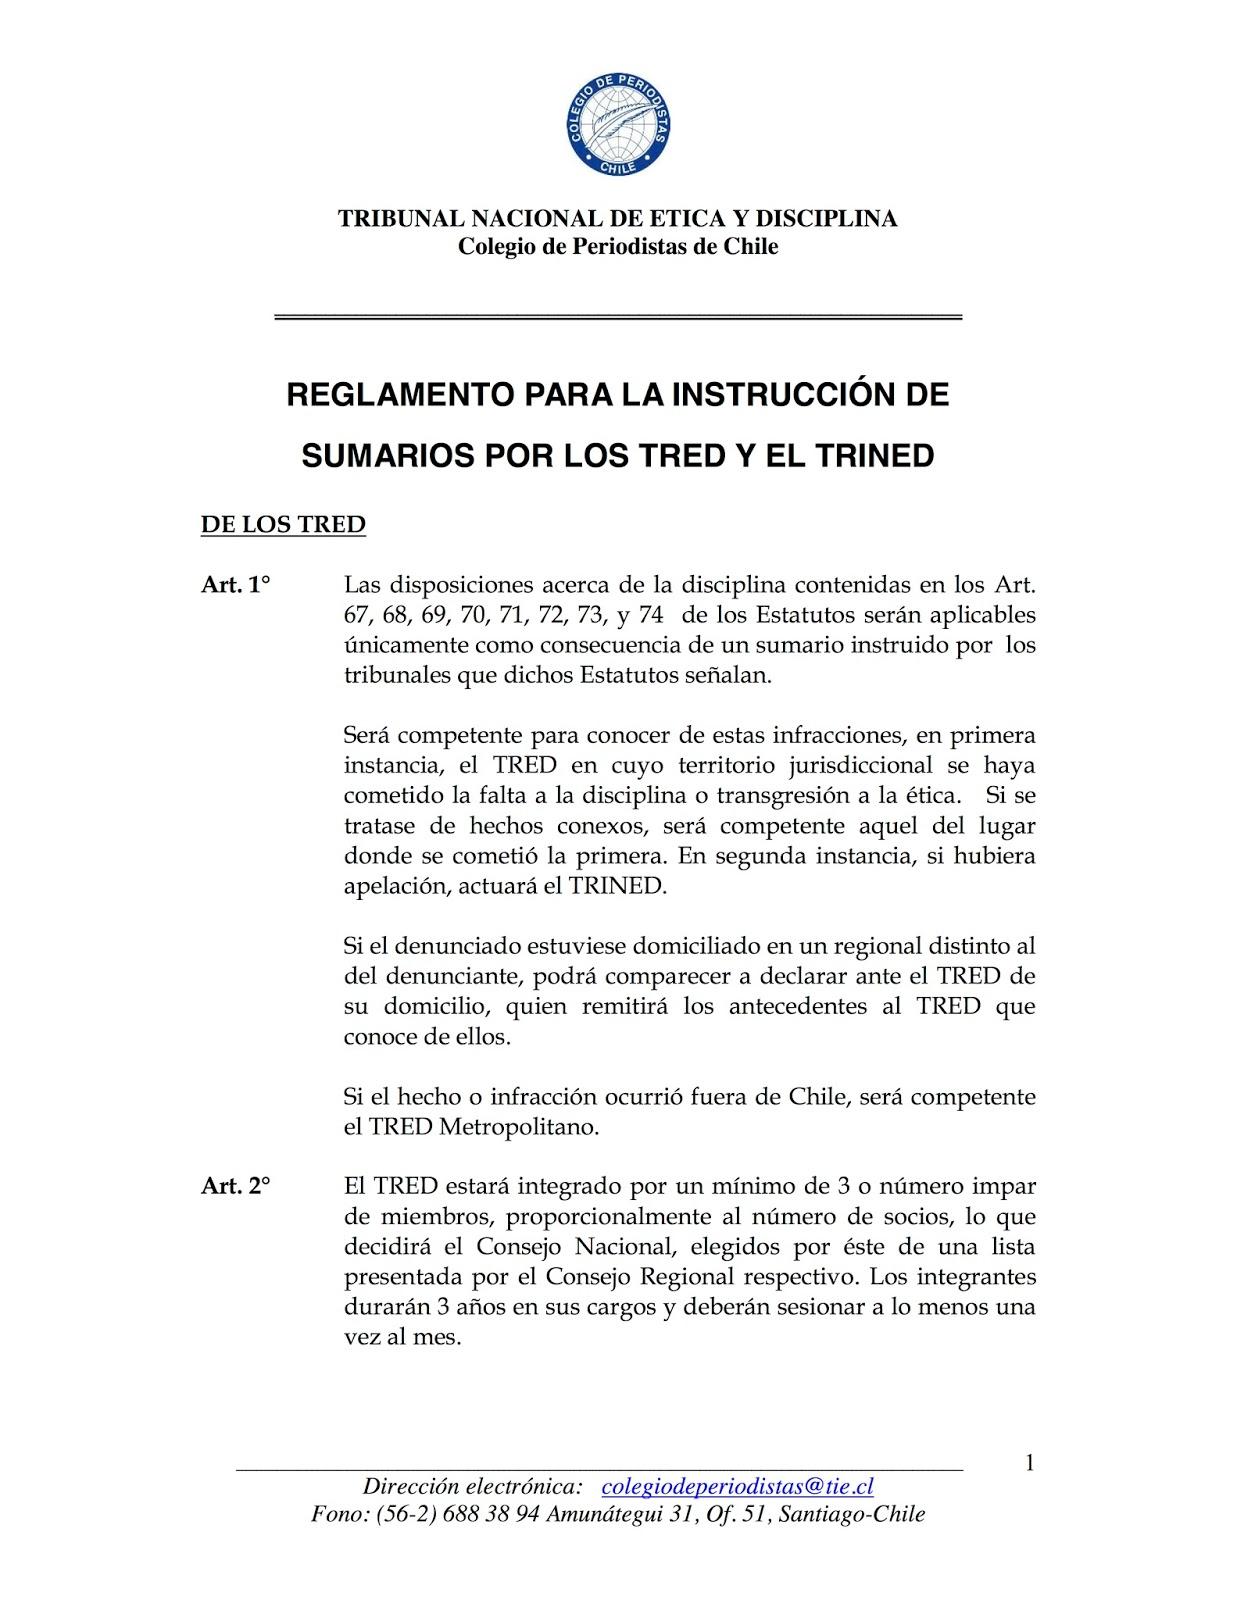 Reglamento para la Instrucción Sumarios de los Tribunales de Ética y Disciplina